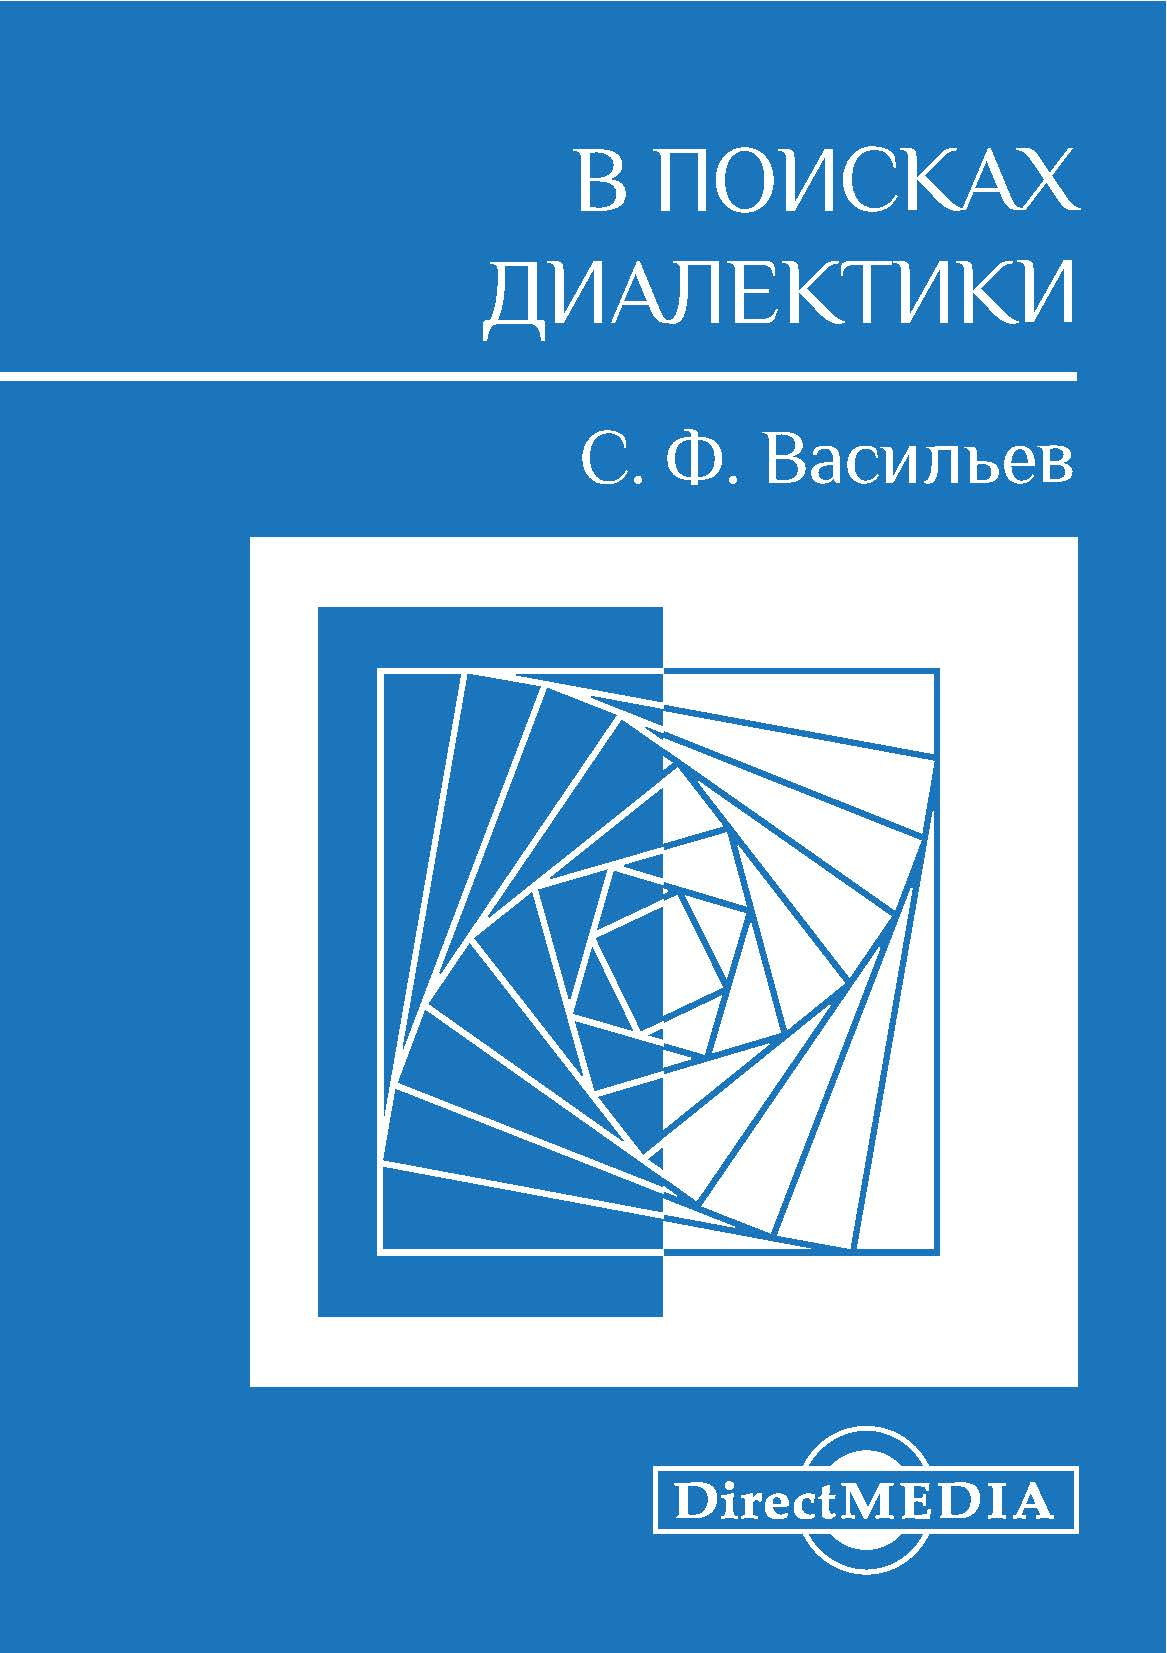 Фото - Сергей Васильев В поисках диалектики единство диалектики логики и теории познания